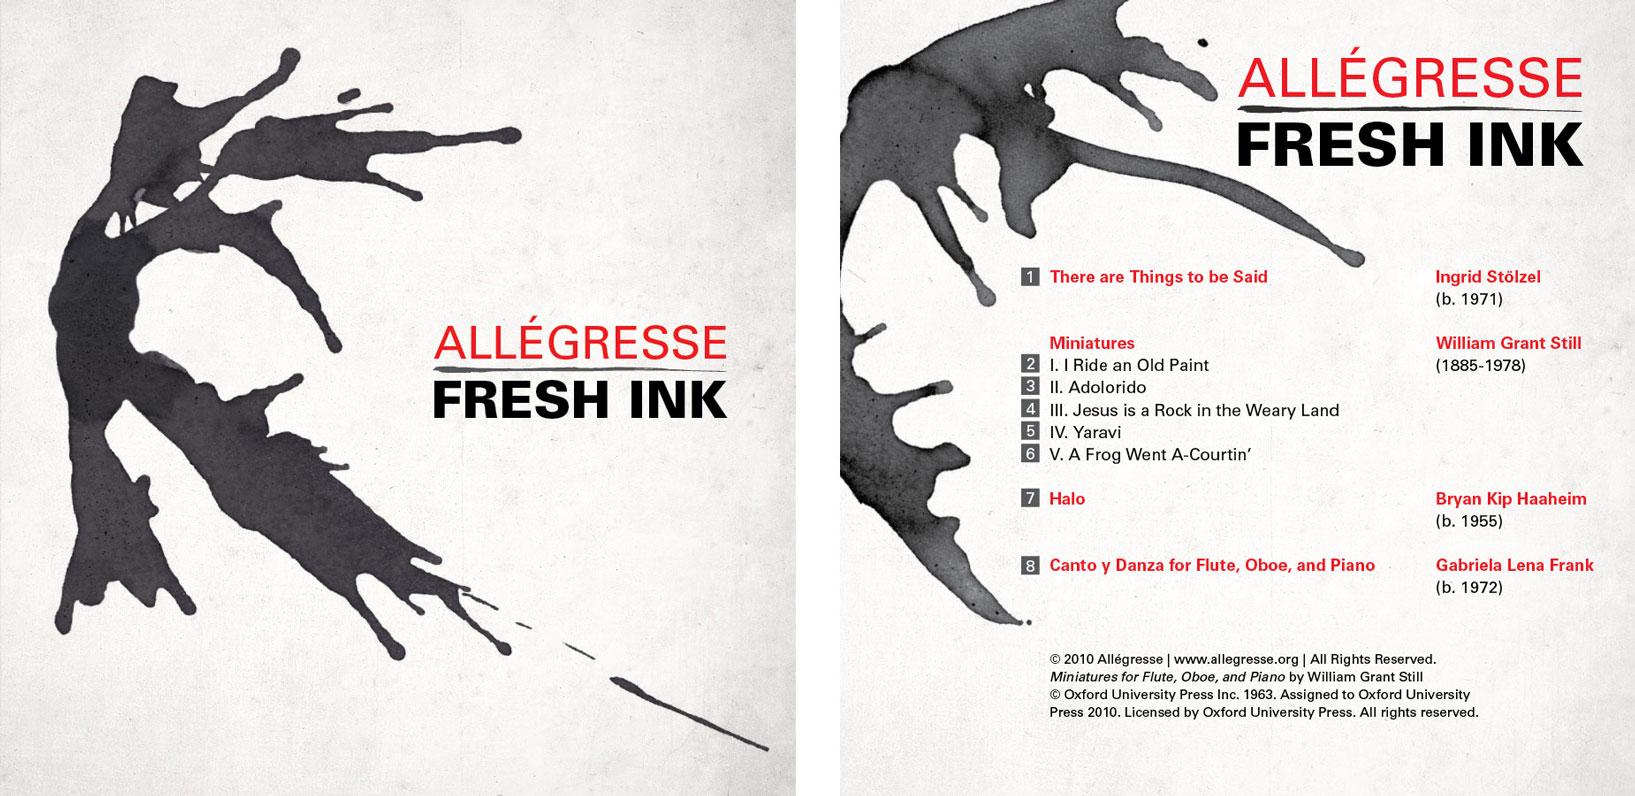 Allegresse - Fresh Ink album cover